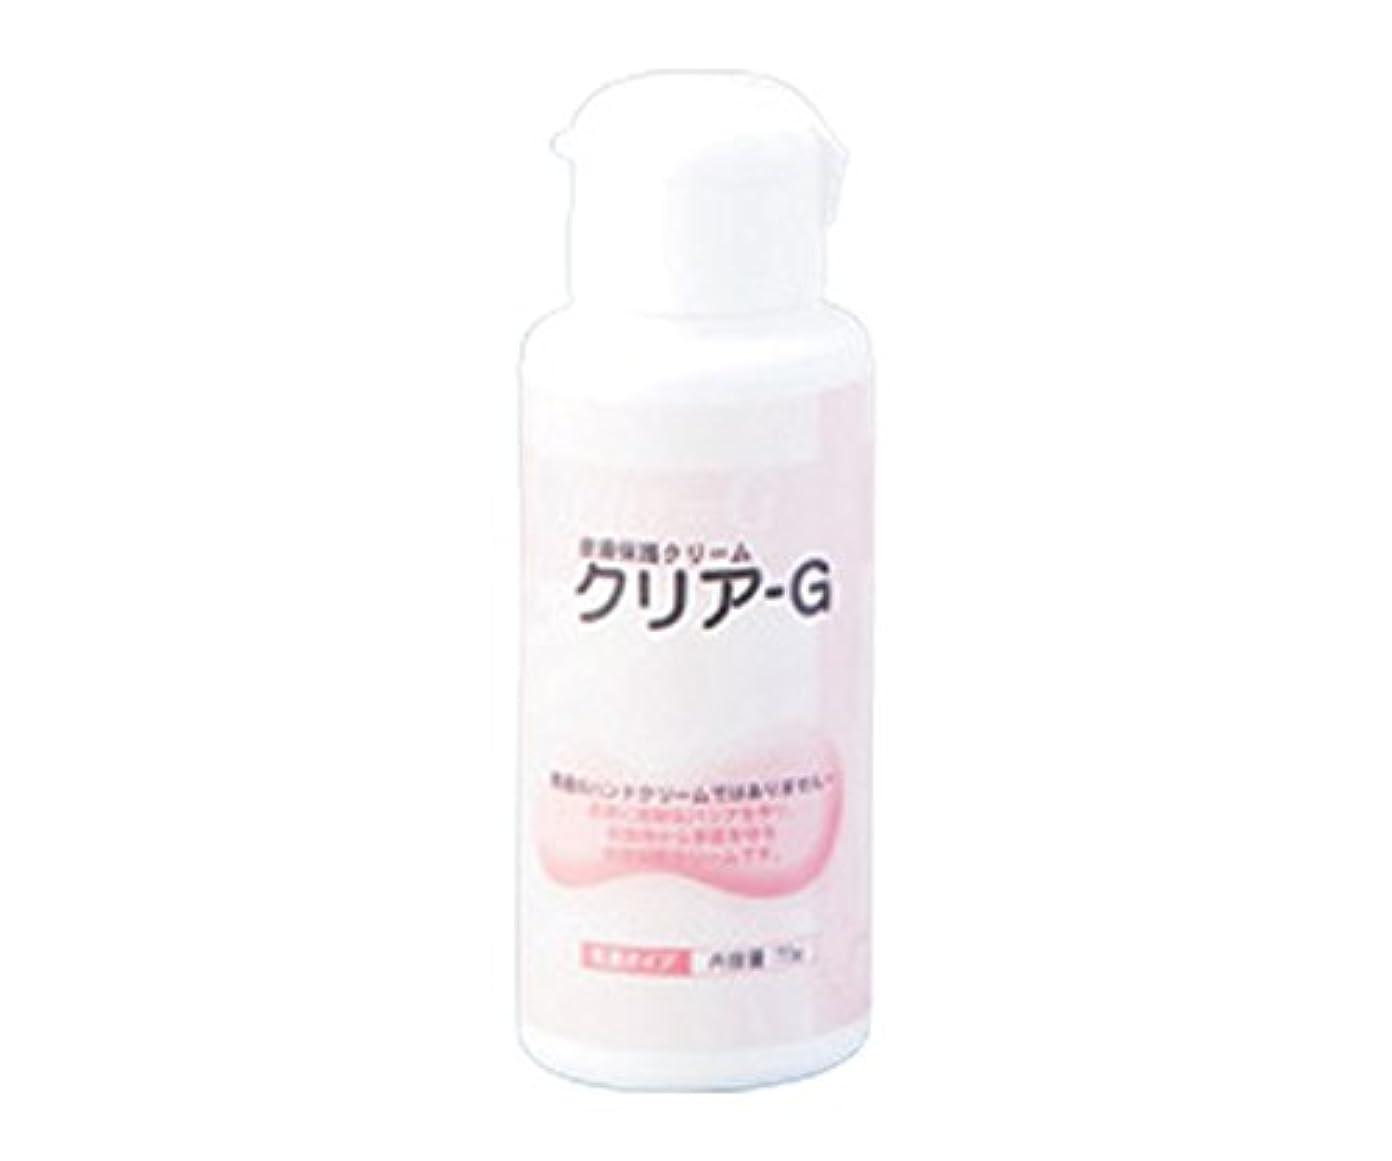 面積不良品達成皮膚保護クリーム(クリア-G) 70g